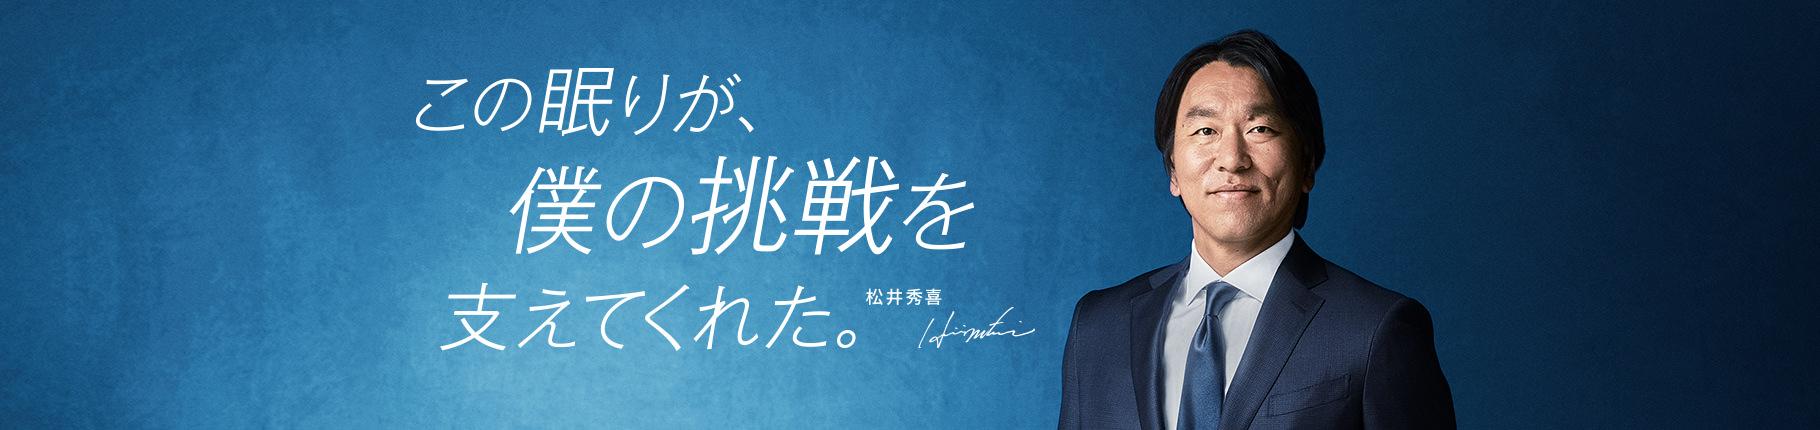 この眠りが、僕の挑戦を支えてくれた。松井秀喜